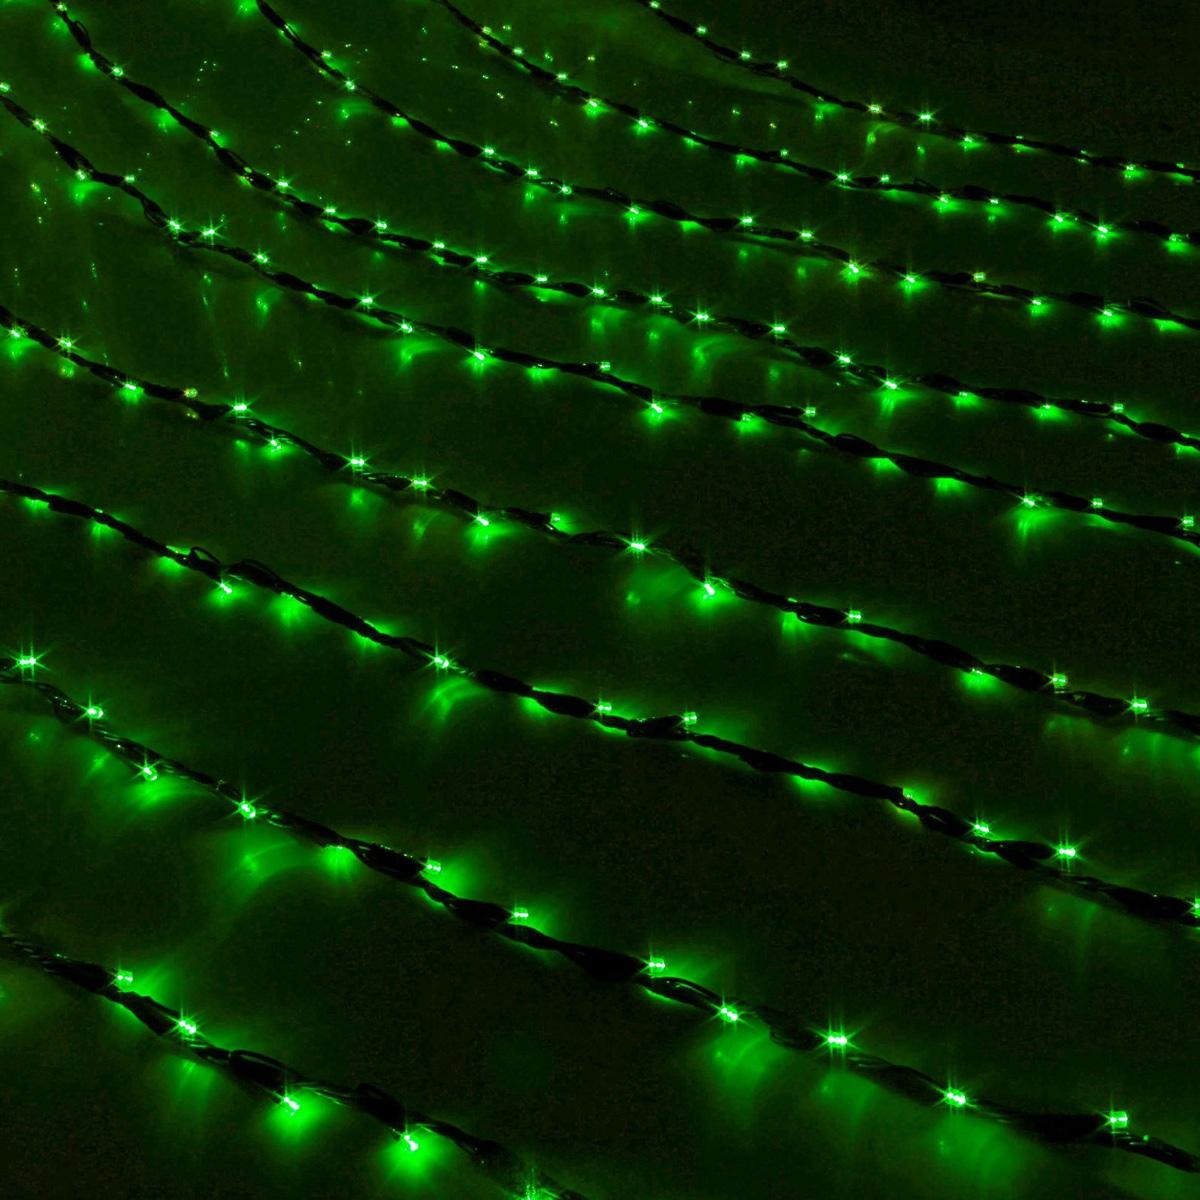 Гирлянда светодиодная Luazon Дождь, уличная, 8 режимов, 400 ламп, 220 V, цвет: зеленый, 2 х 1,5 м. 187294187294Светодиодные гирлянды, ленты и т.д — это отличный вариант для новогоднего оформления интерьера или фасада. С их помощью помещение любого размера можно превратить в праздничный зал, а внешние элементы зданий, украшенные ими, мгновенно станут напоминать очертания сказочного дворца. Такие украшения создают ауру предвкушения чуда. Деревья, фасады, витрины, окна и арки будто специально созданы, чтобы вы украсили их светящимися нитями.